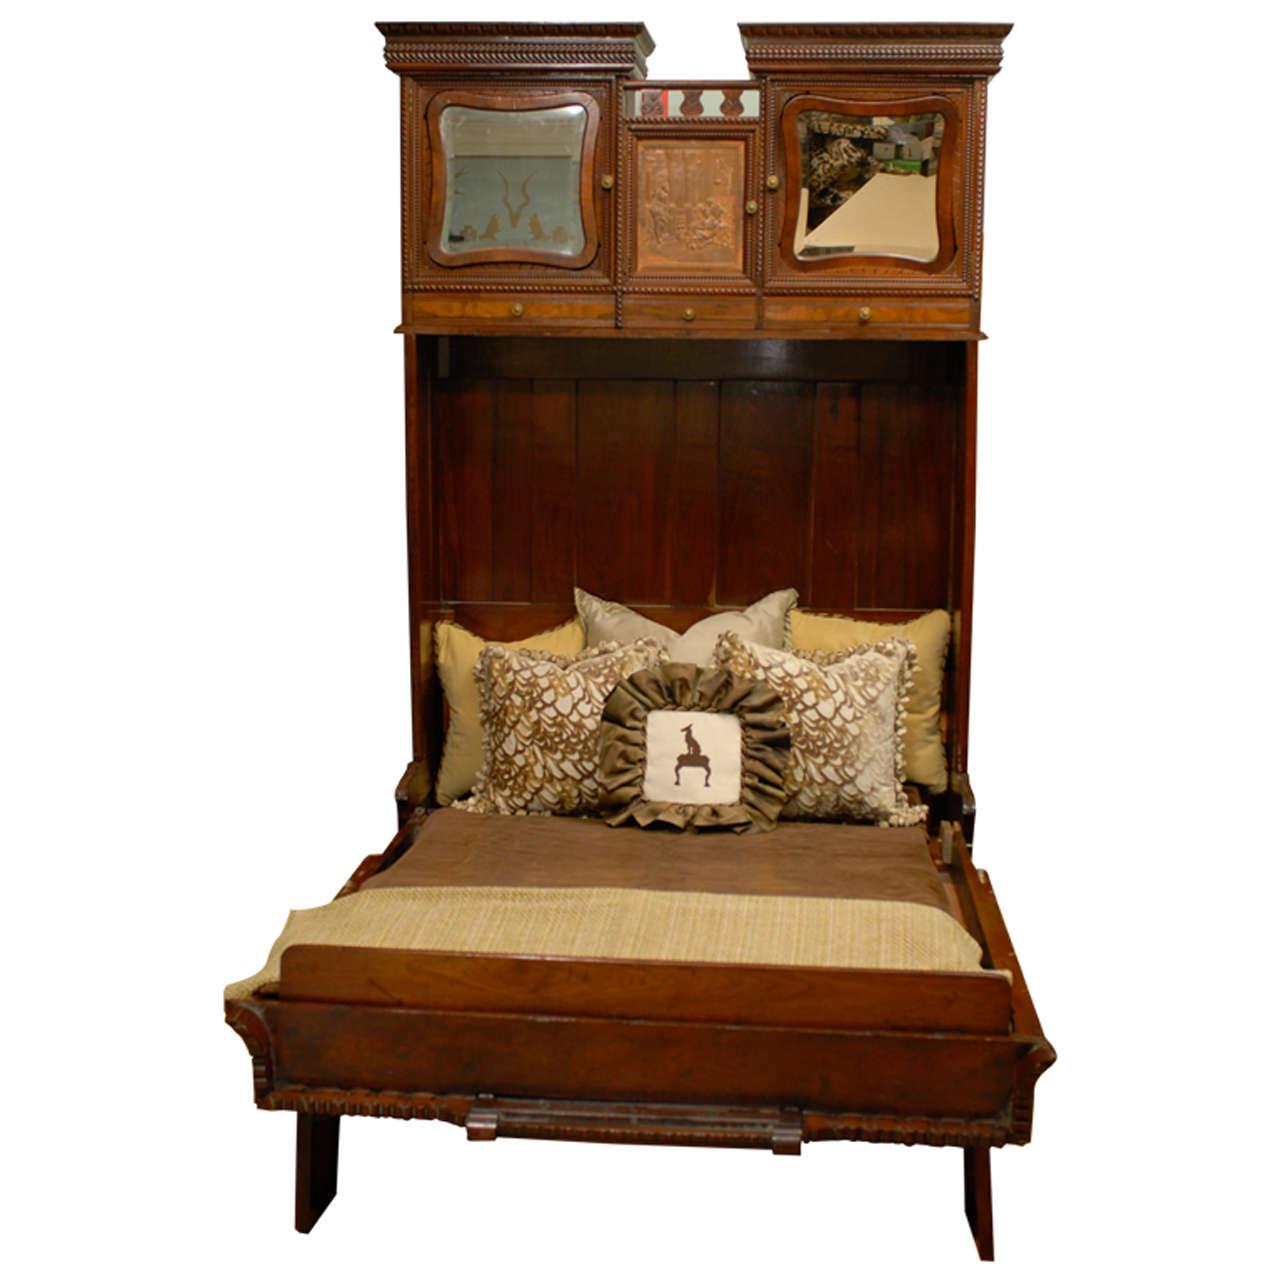 Rare Murphy Bed Of Mahogany, New York, Circa 1885 At 1stdibs